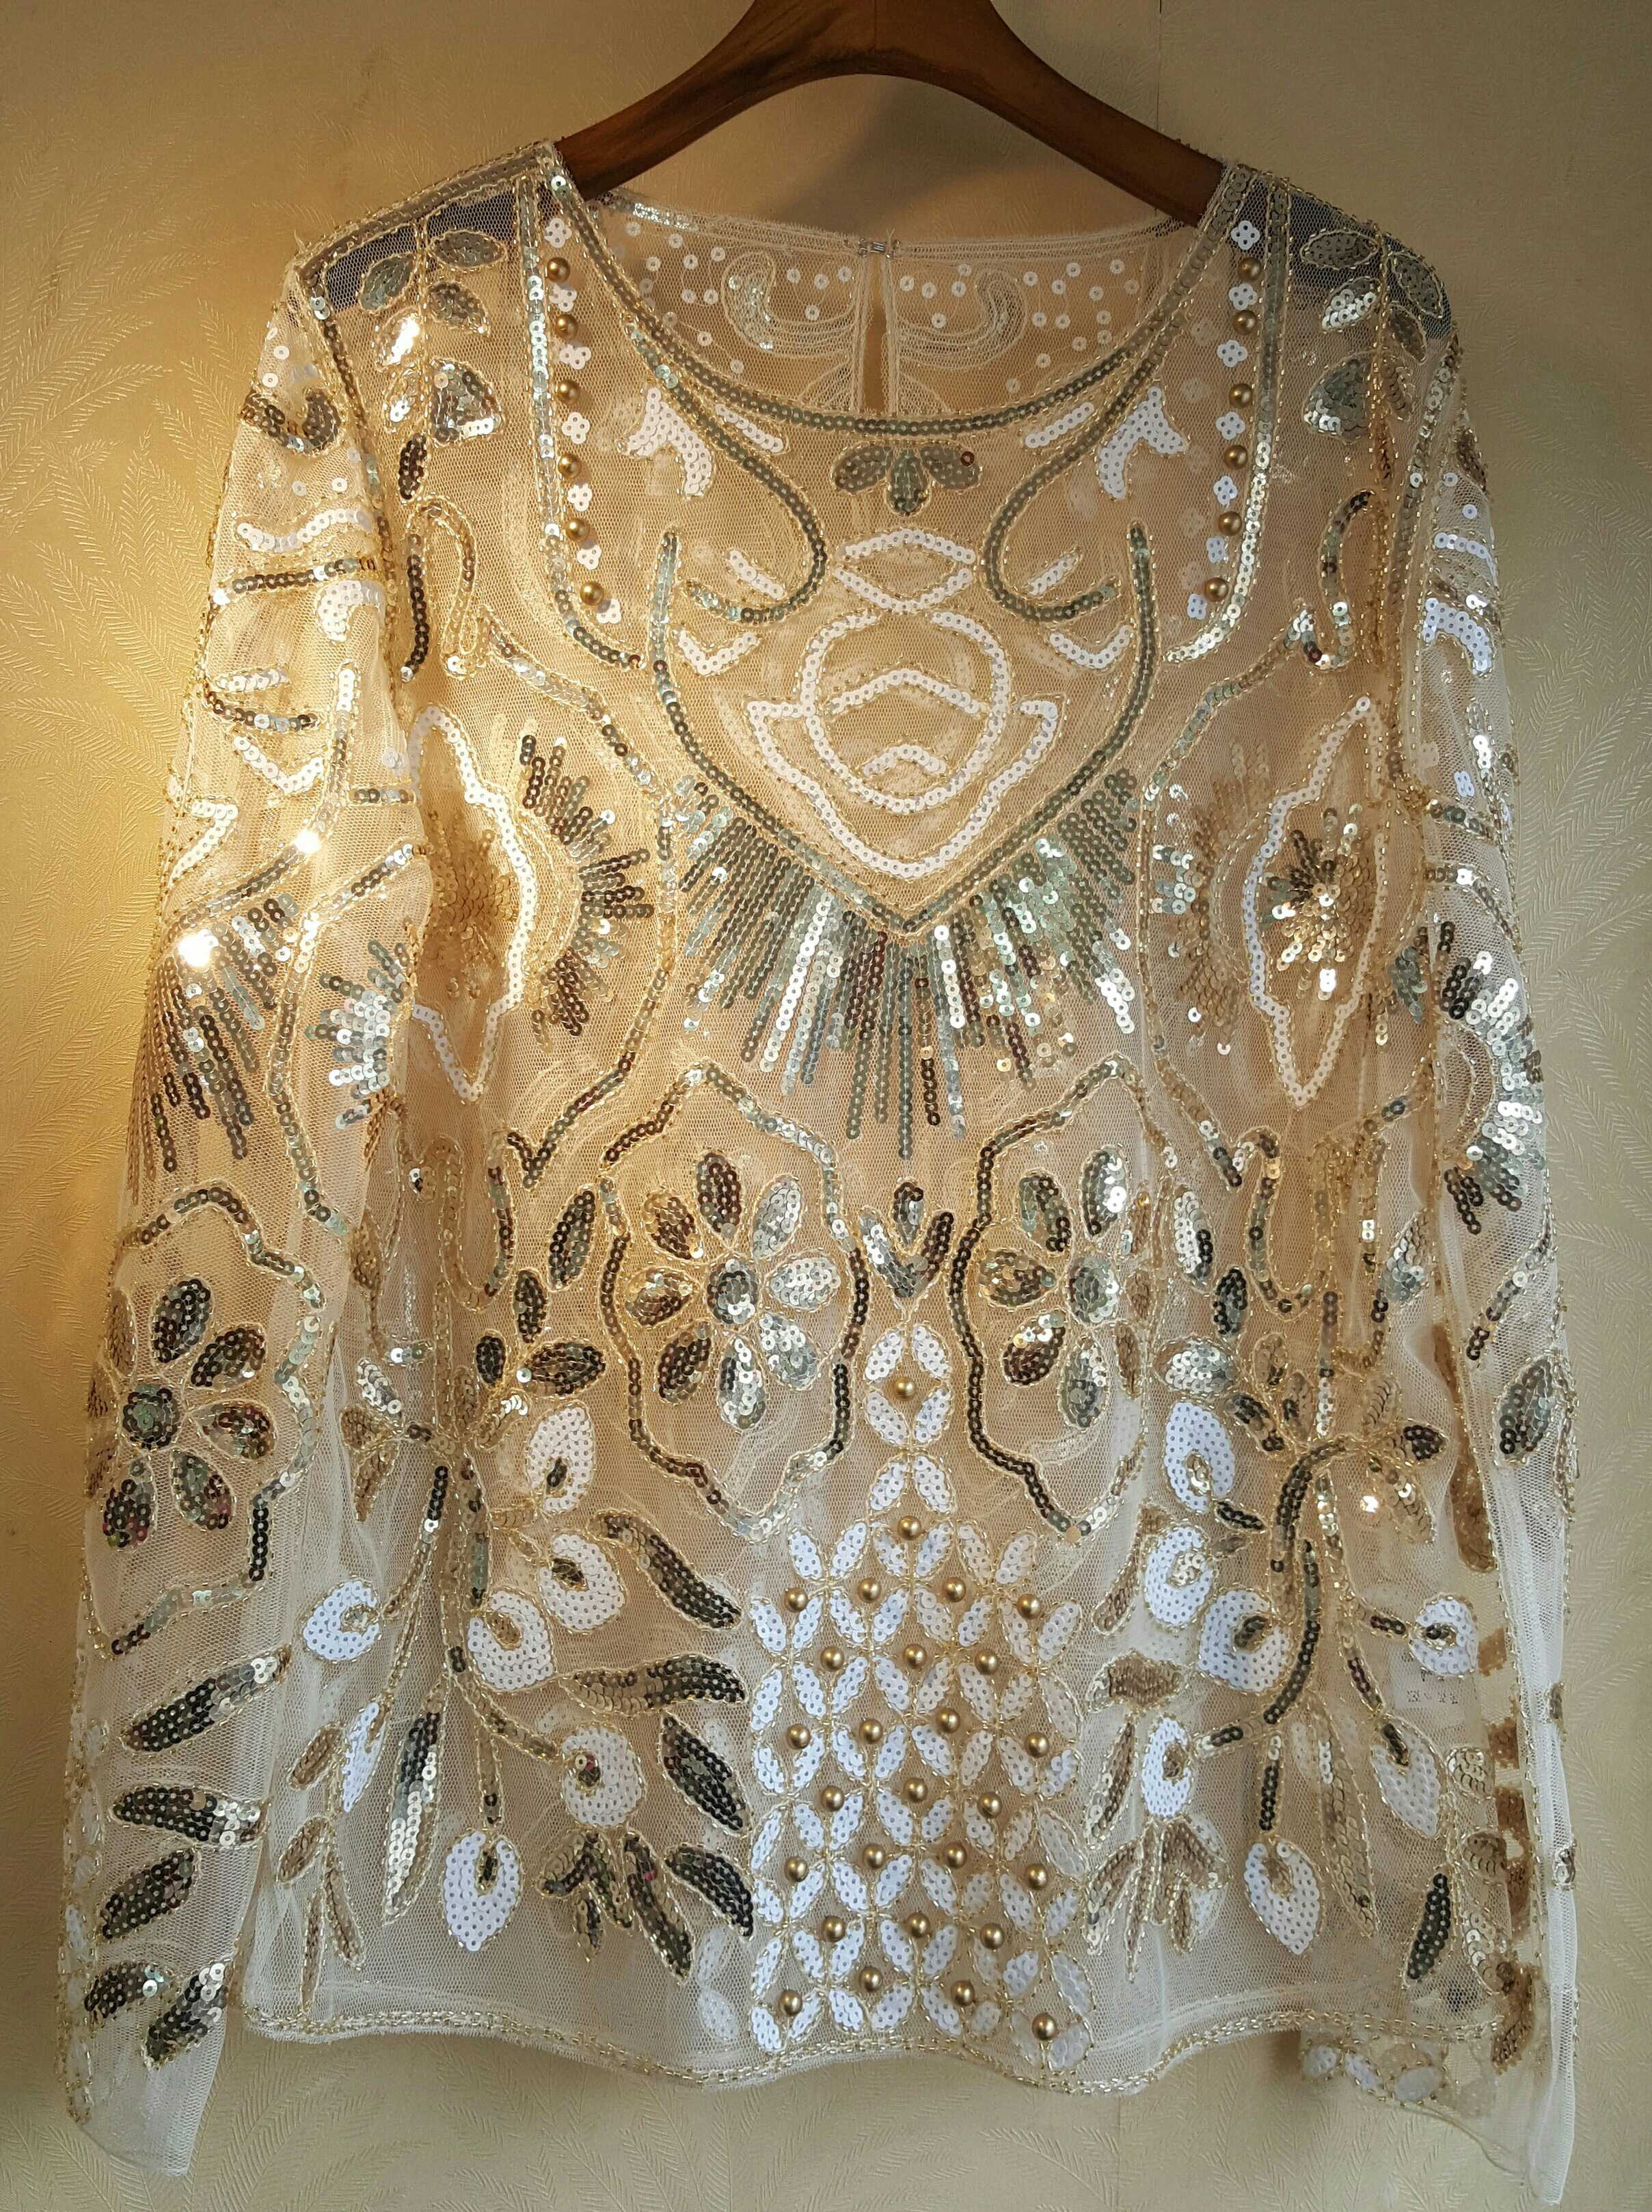 Nouveau 2019 européen bling bling lourd dessin perles paillettes à manches longues blouse perspective redingote